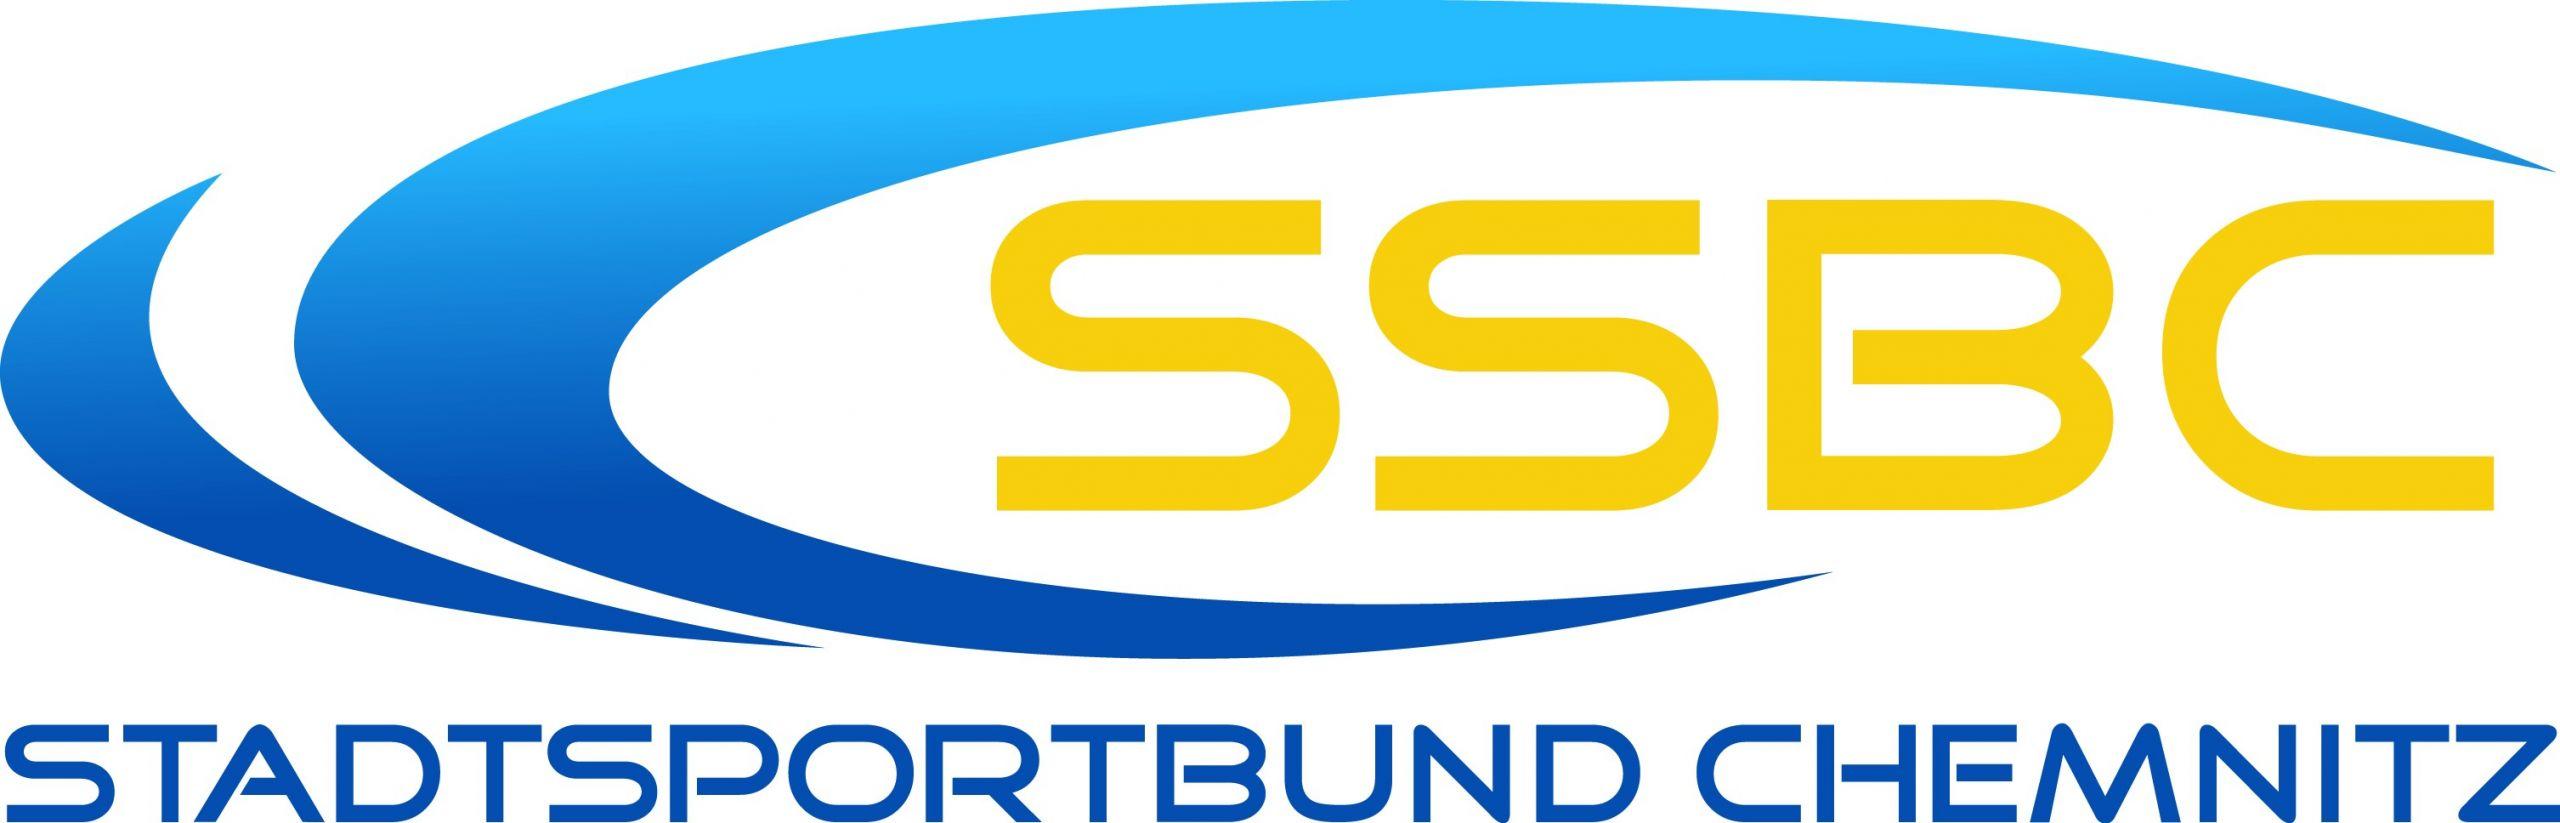 logo ssbc cmyk